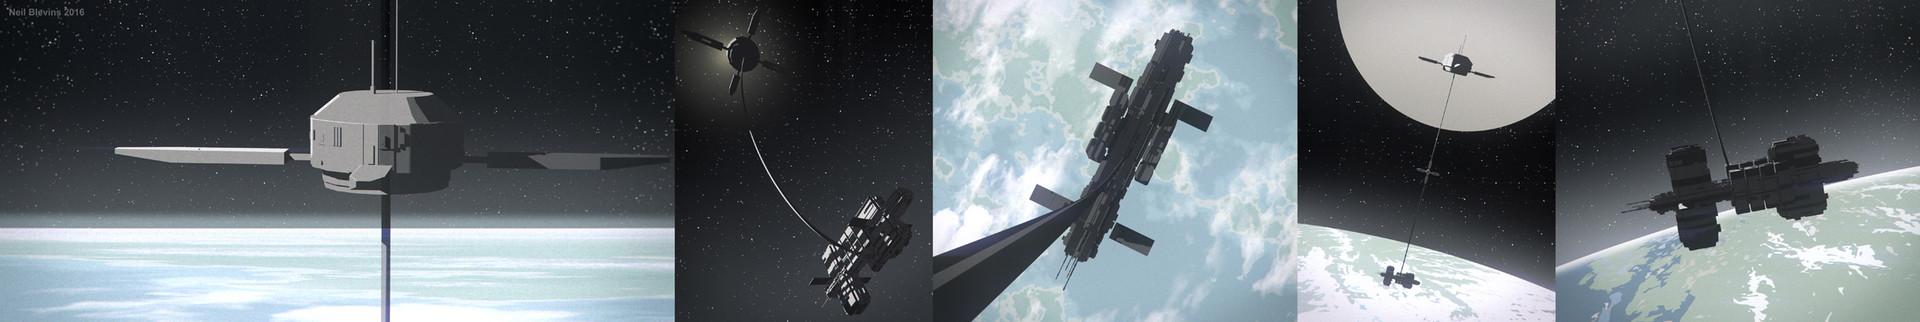 Neil blevins megastructures 6 skyhook 3d sketch